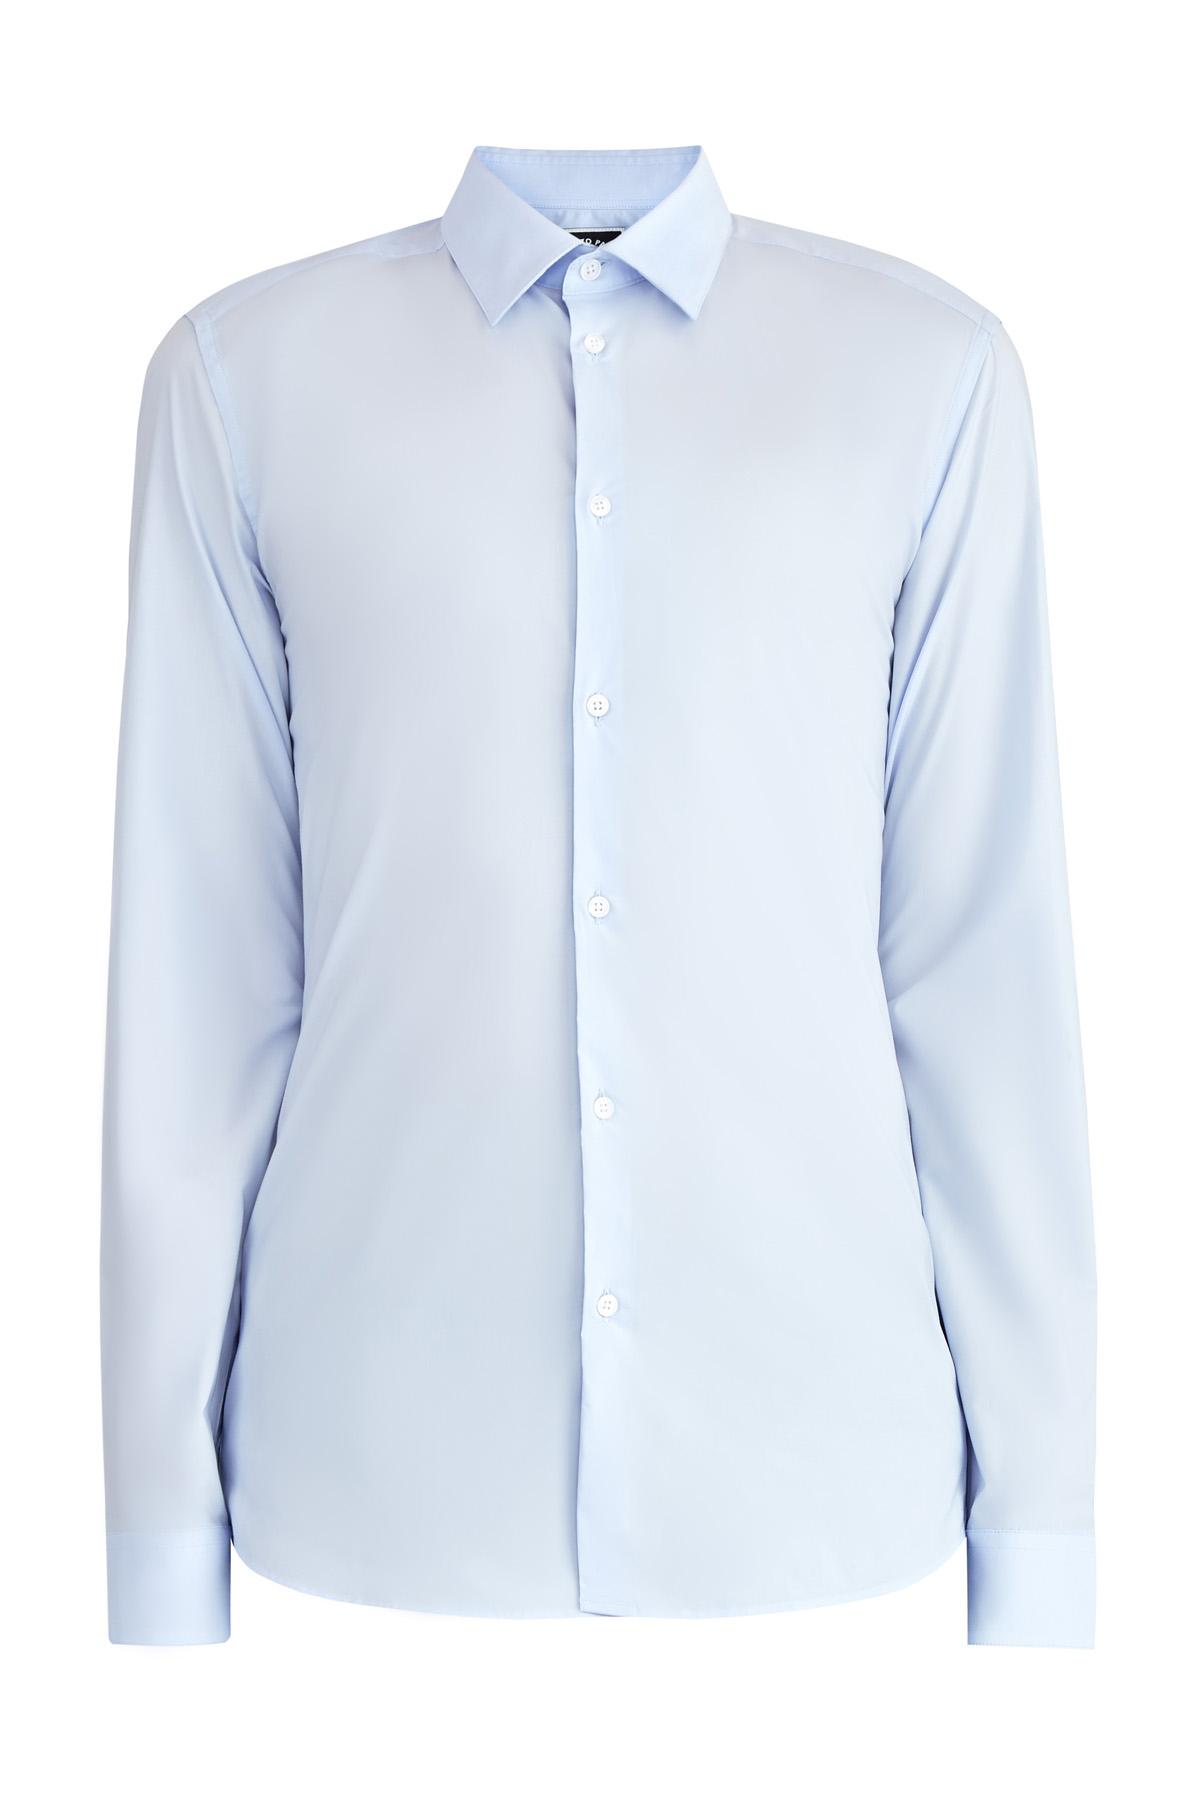 Базовая голубая рубашка приталенного кроя из поплина фото